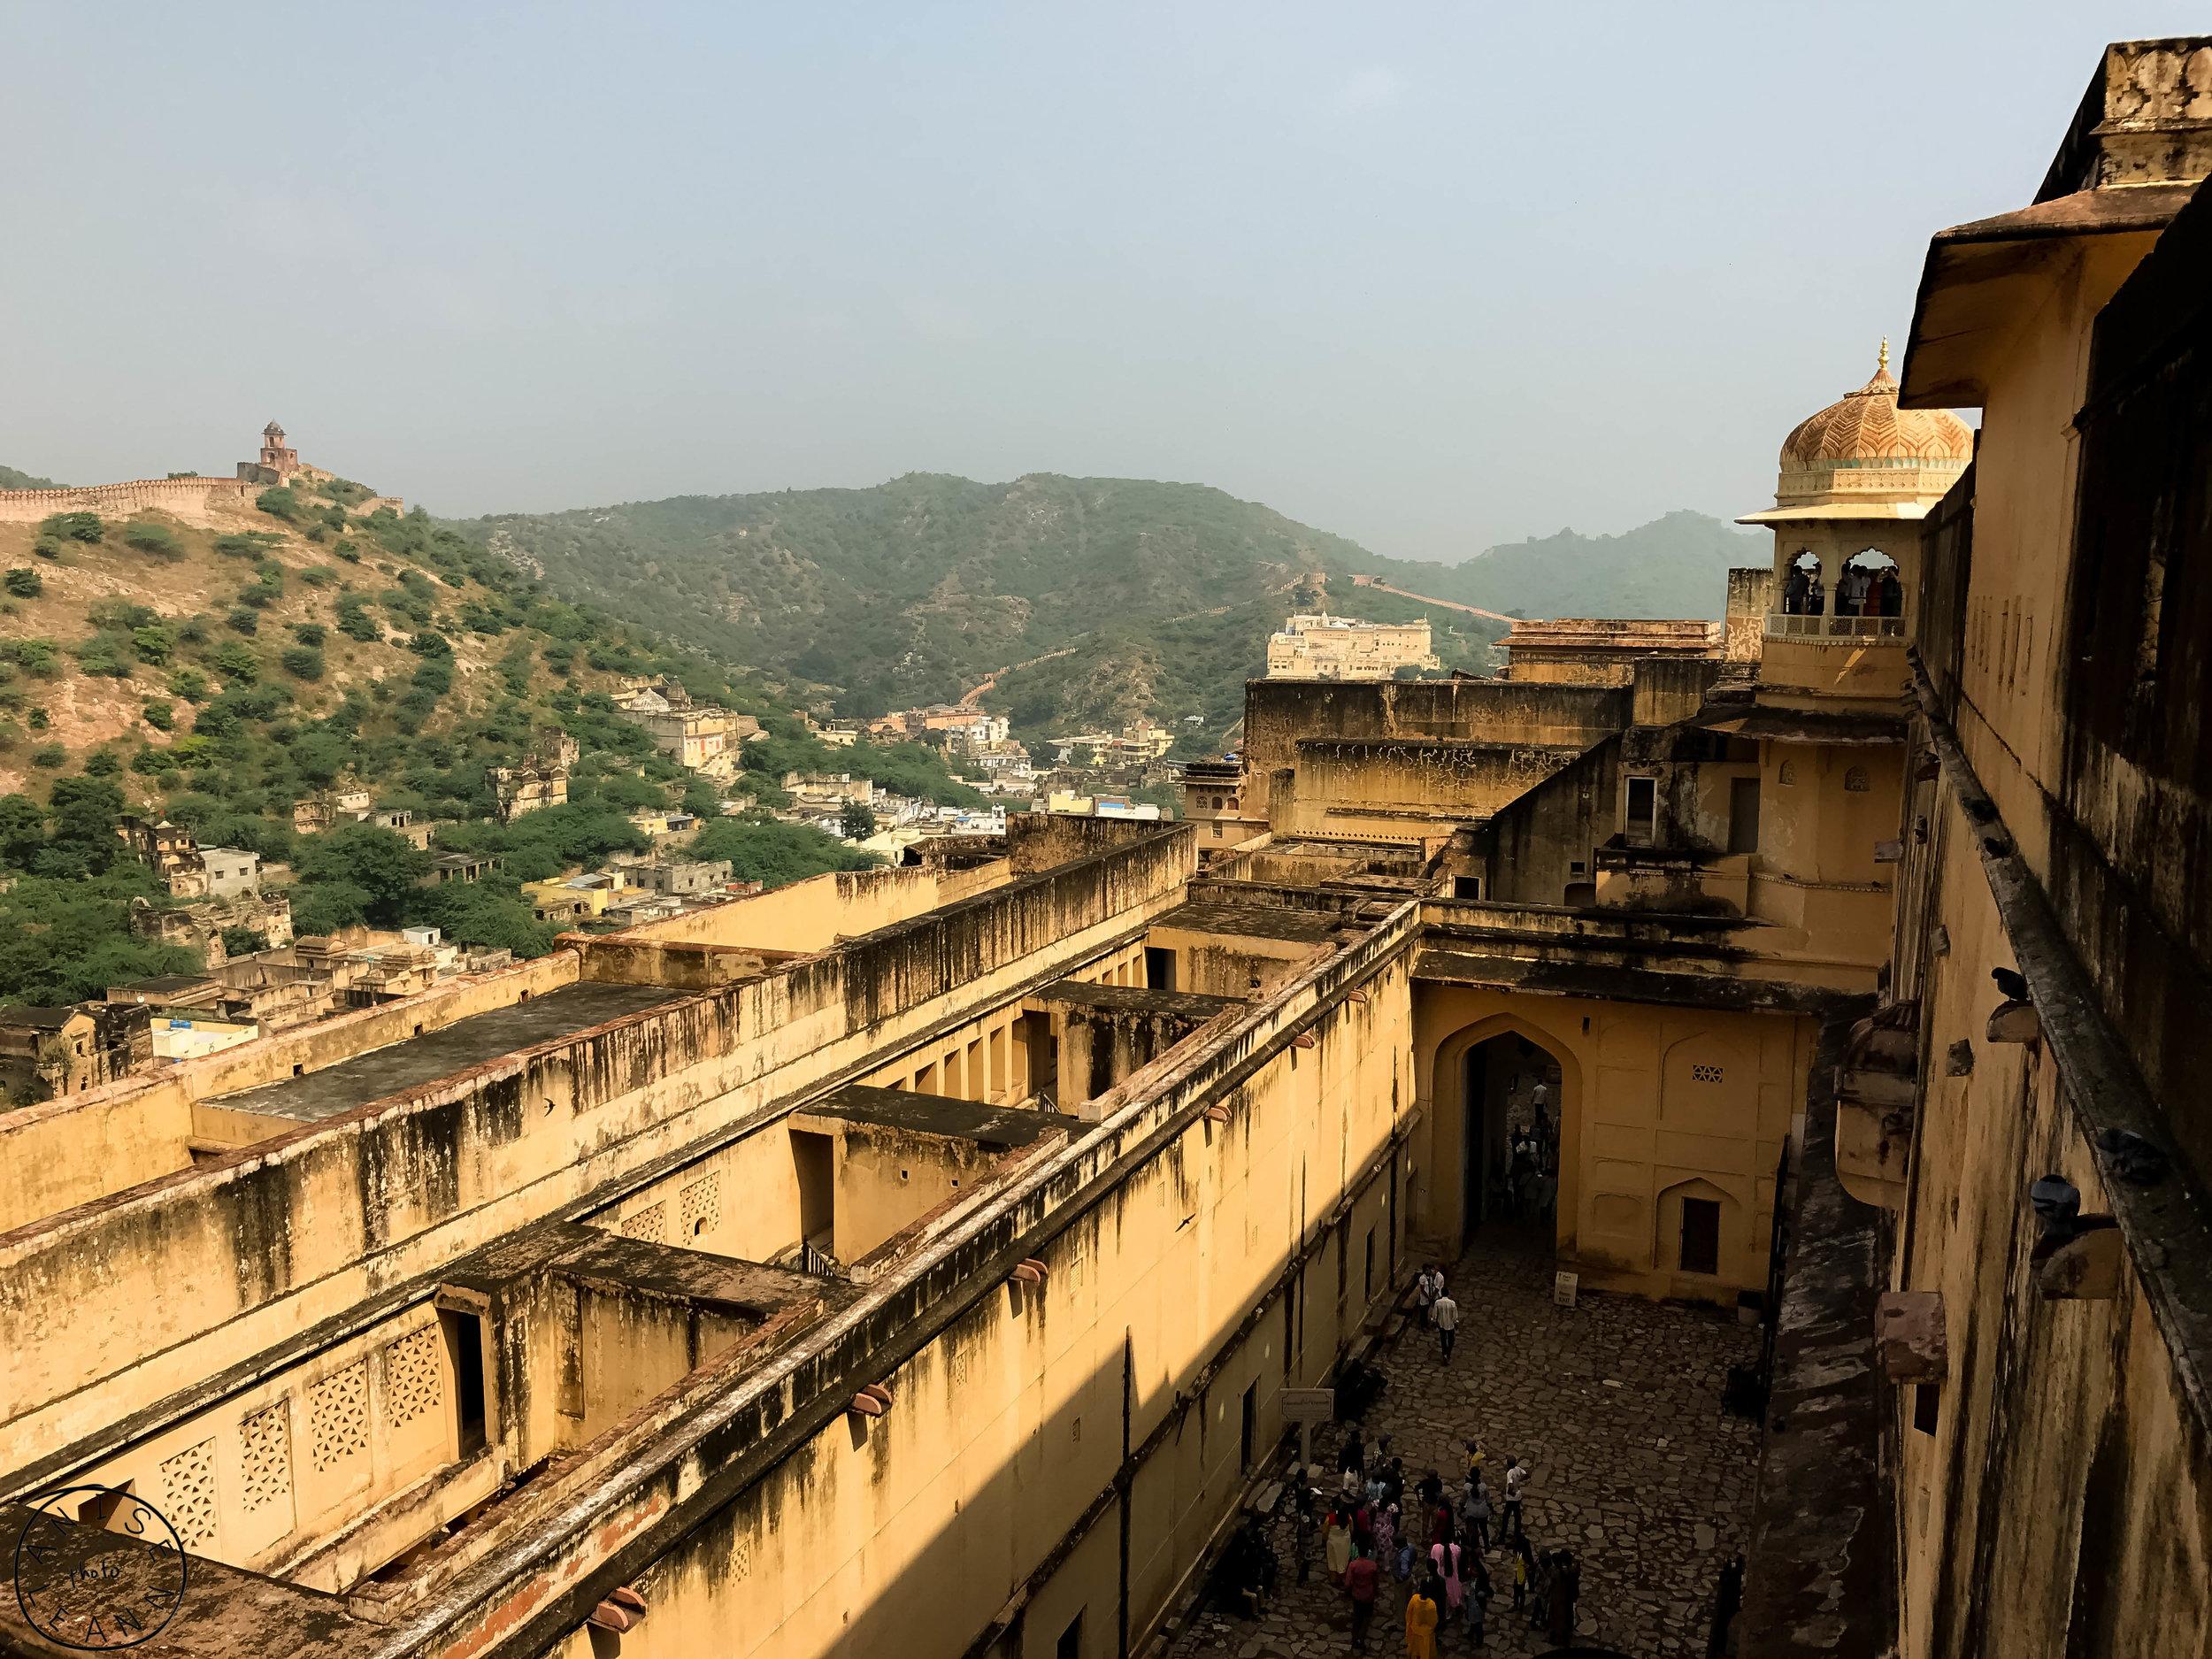 India-Jaipur-Day2-49.jpg